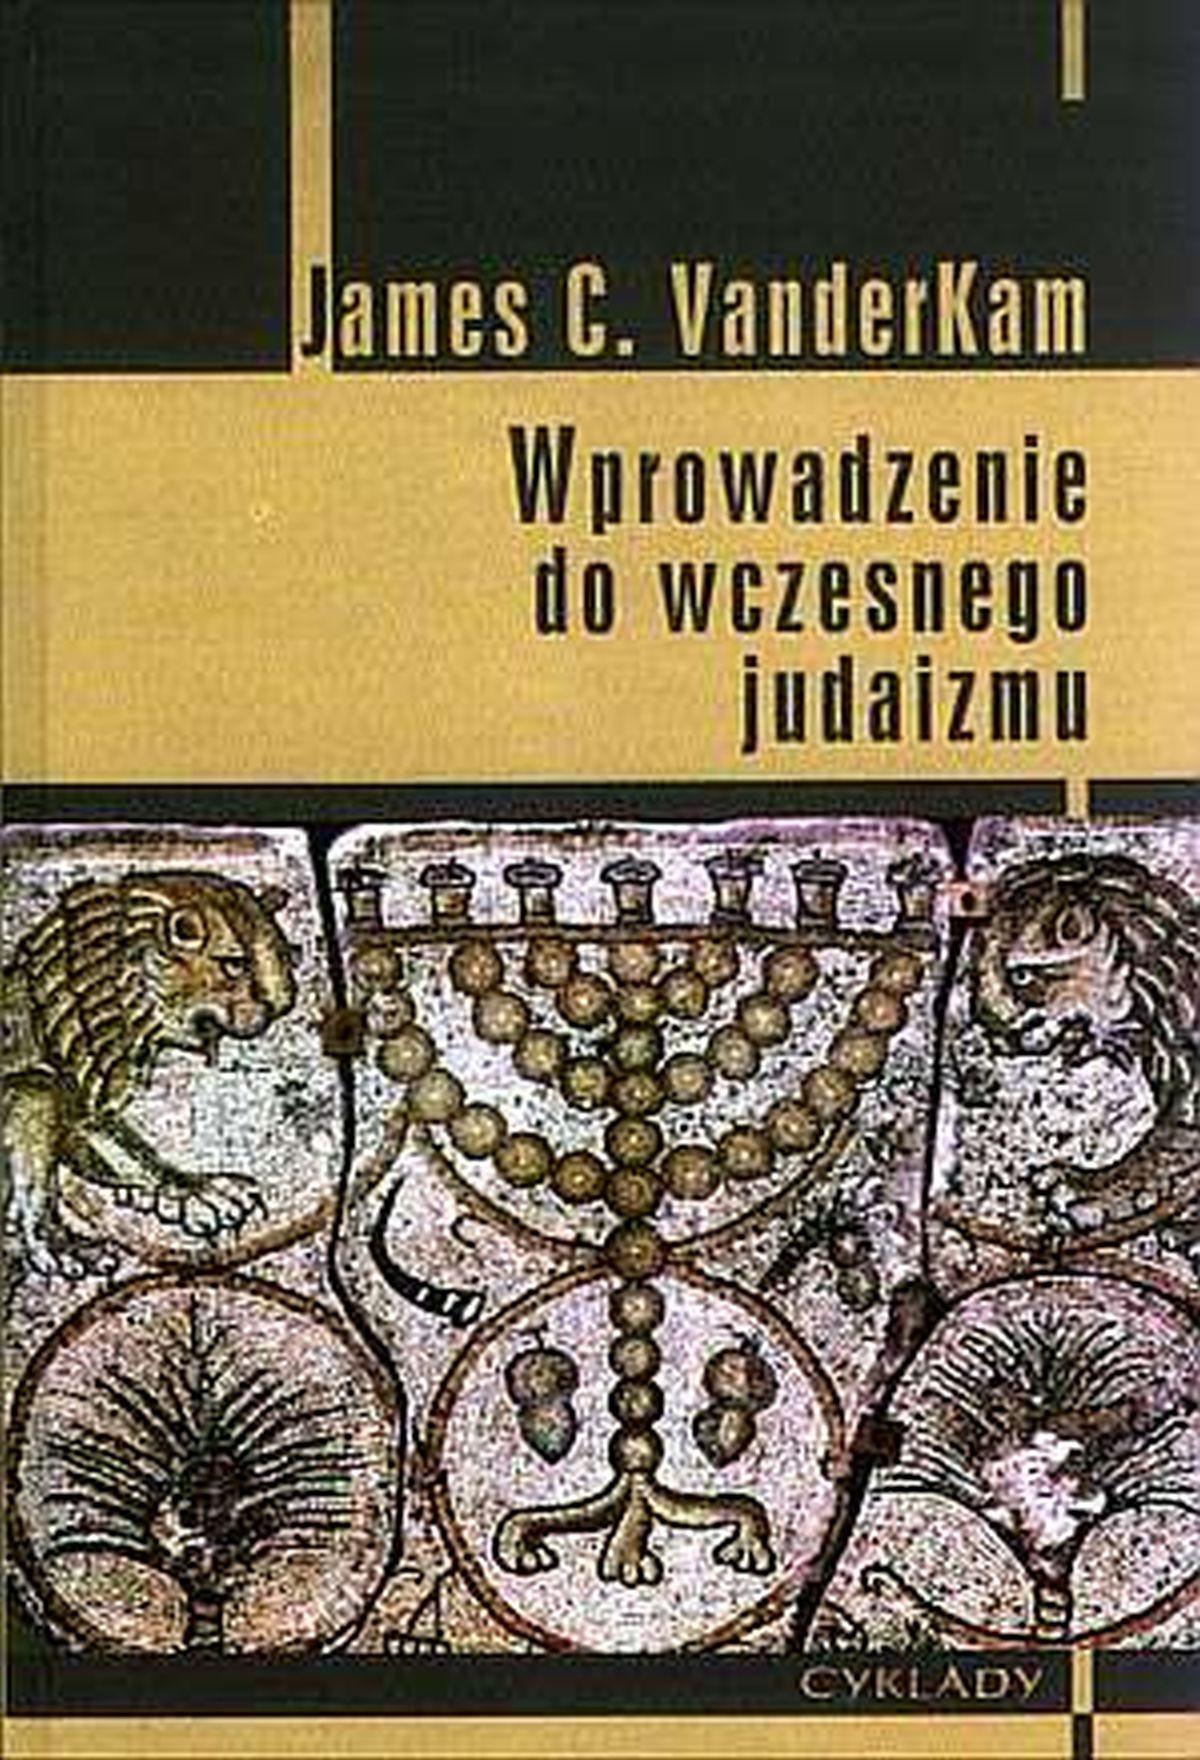 Wprowadzenie do wczesnego judaizmu